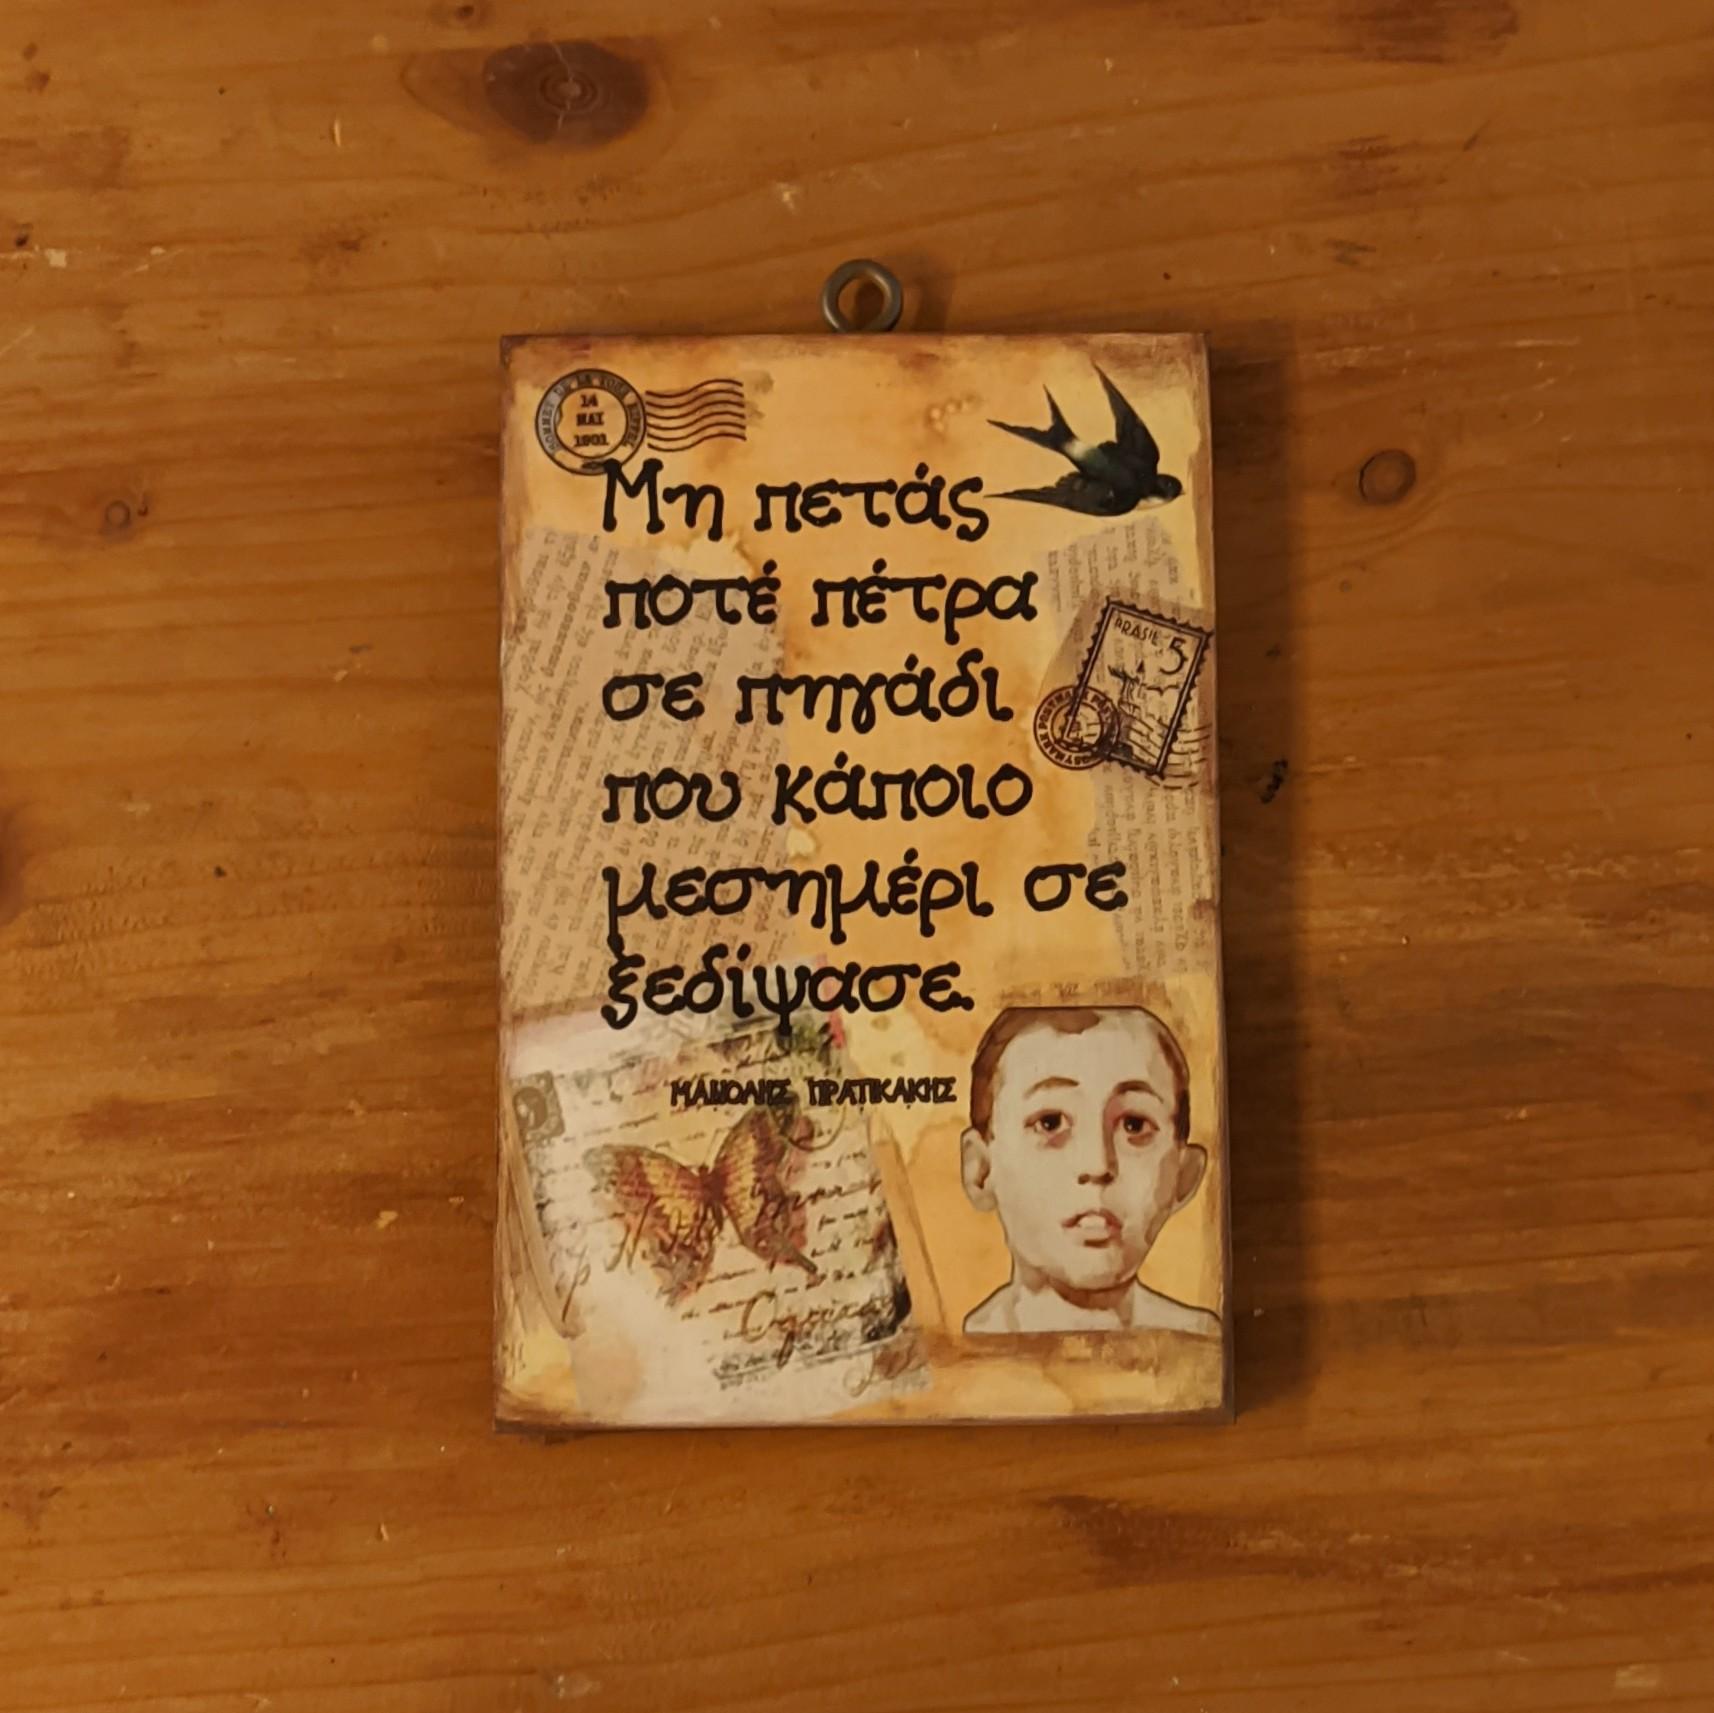 Ξύλινη πινακίδα – Μην πετάς πότε πέτρα..